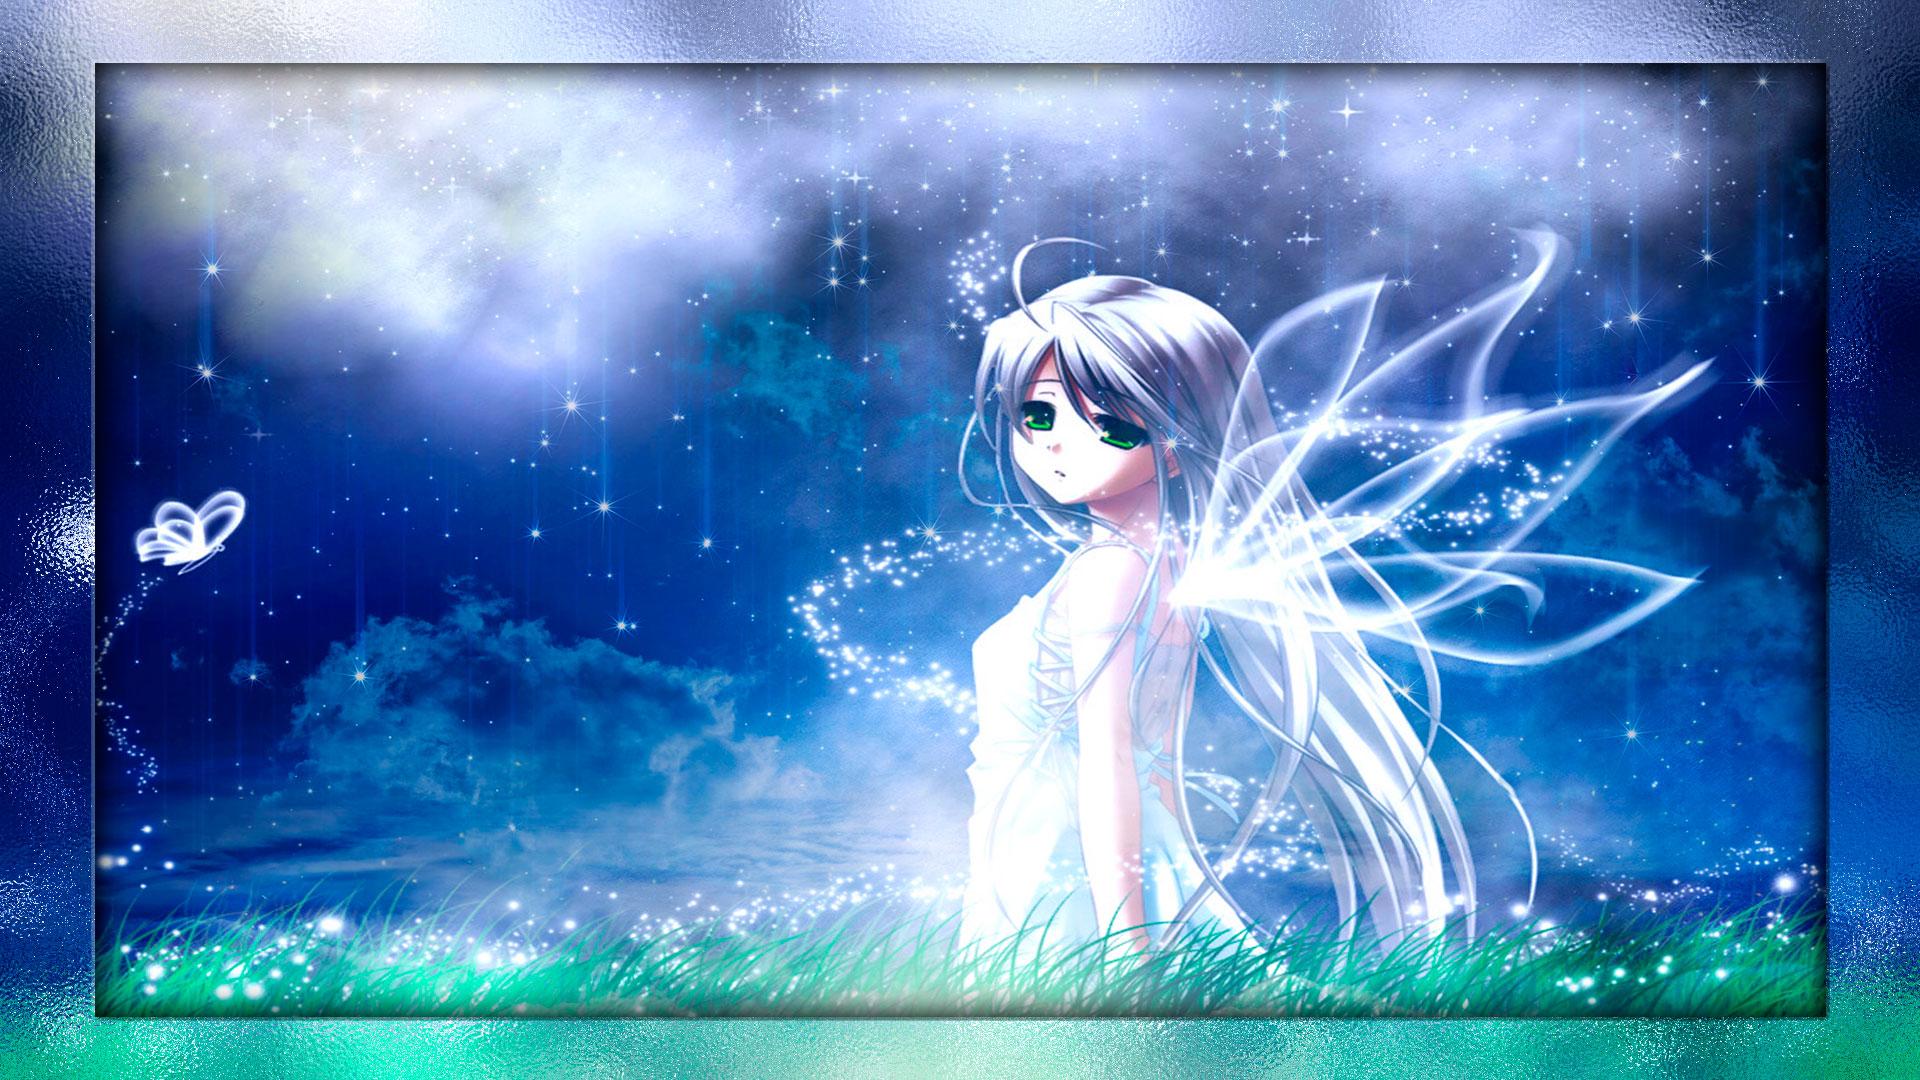 Cute Angel Wallpaper Hd 1891422 Hd Wallpaper Backgrounds